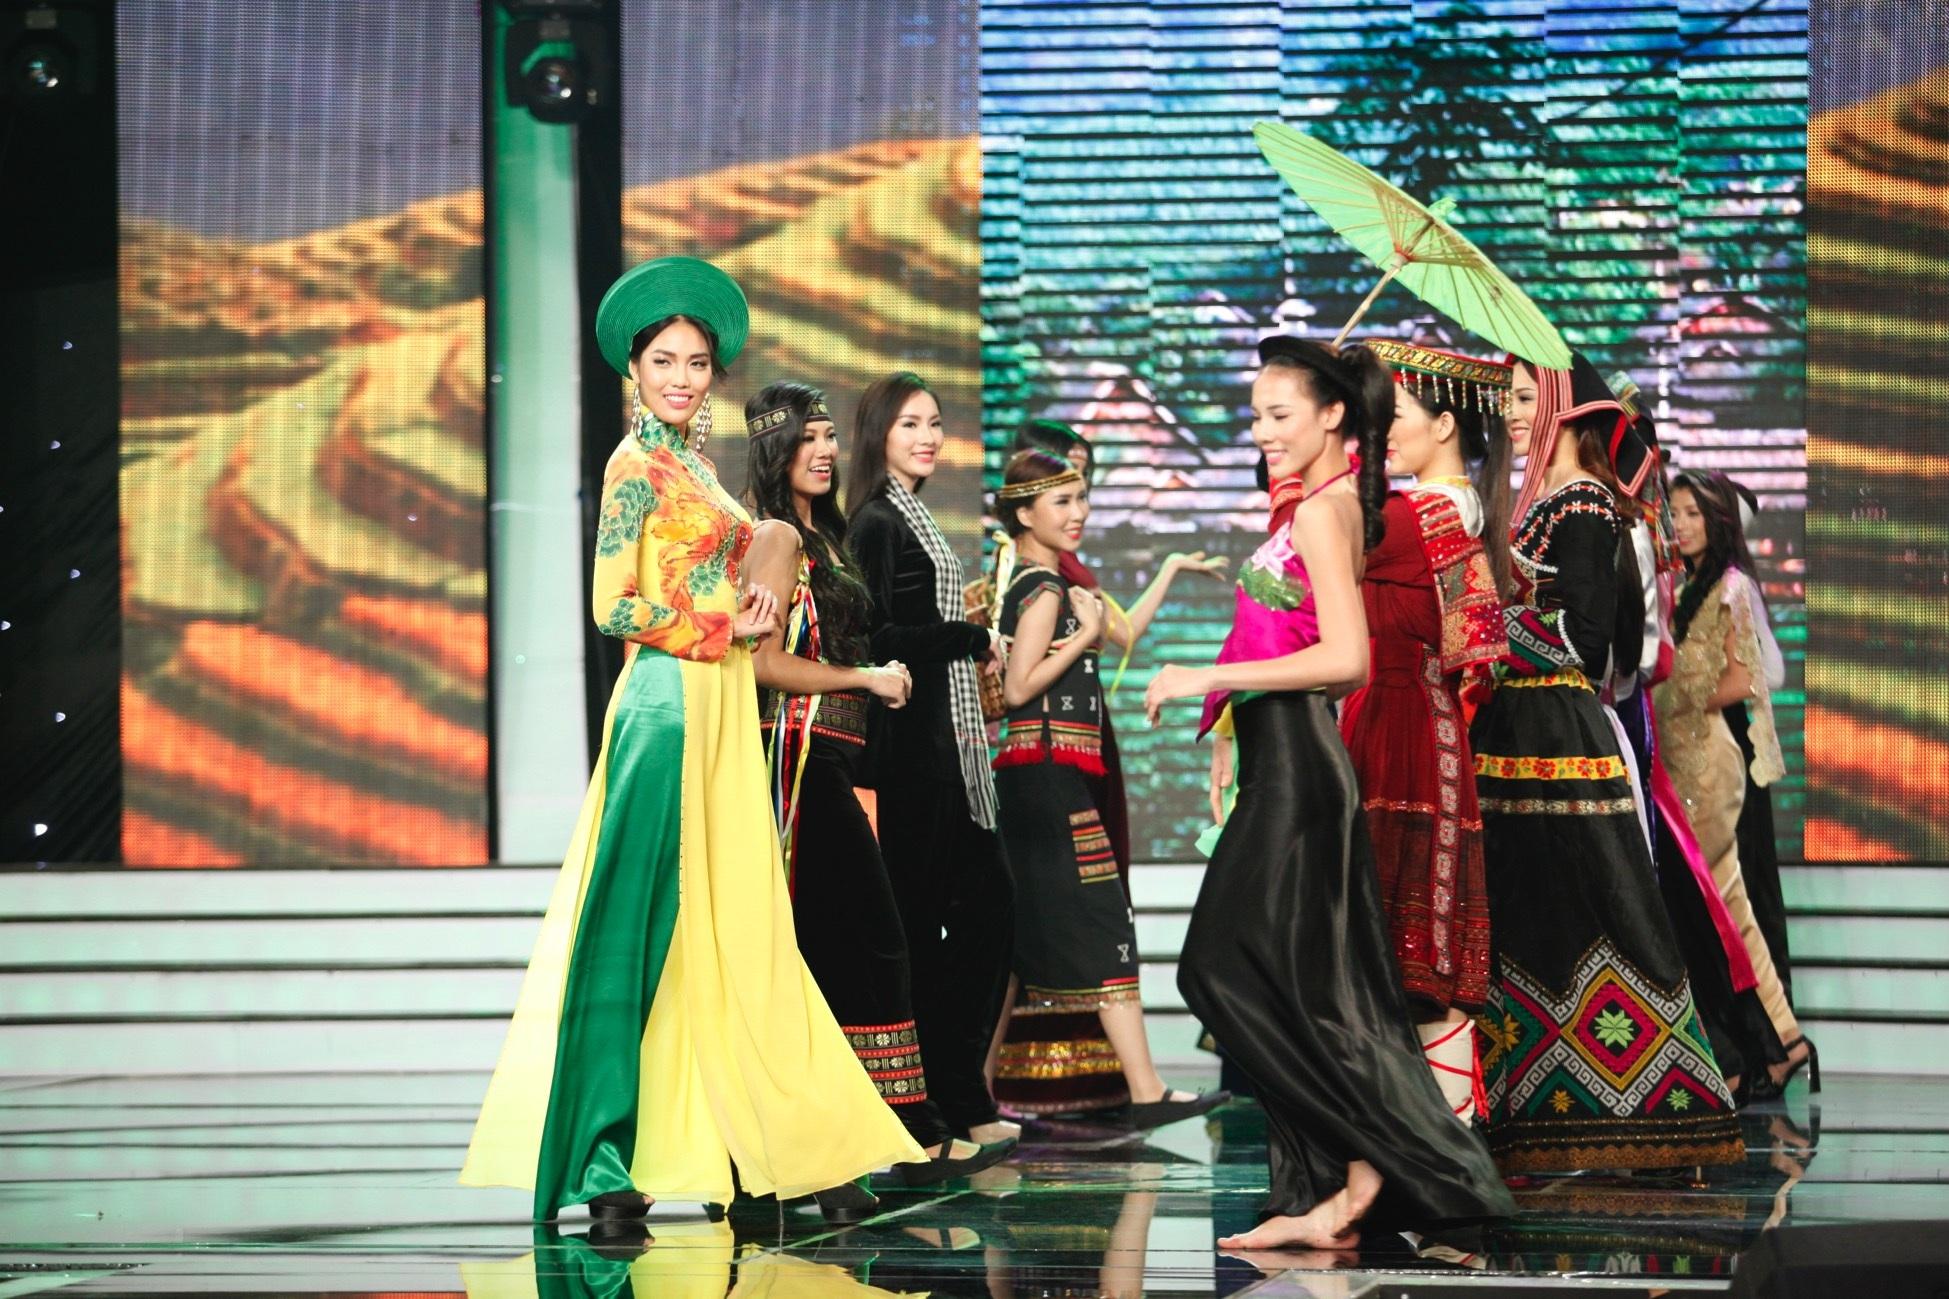 Các người đẹp trong phần trình diễn trang phục dân tộc các vùng miền của Việt Nam